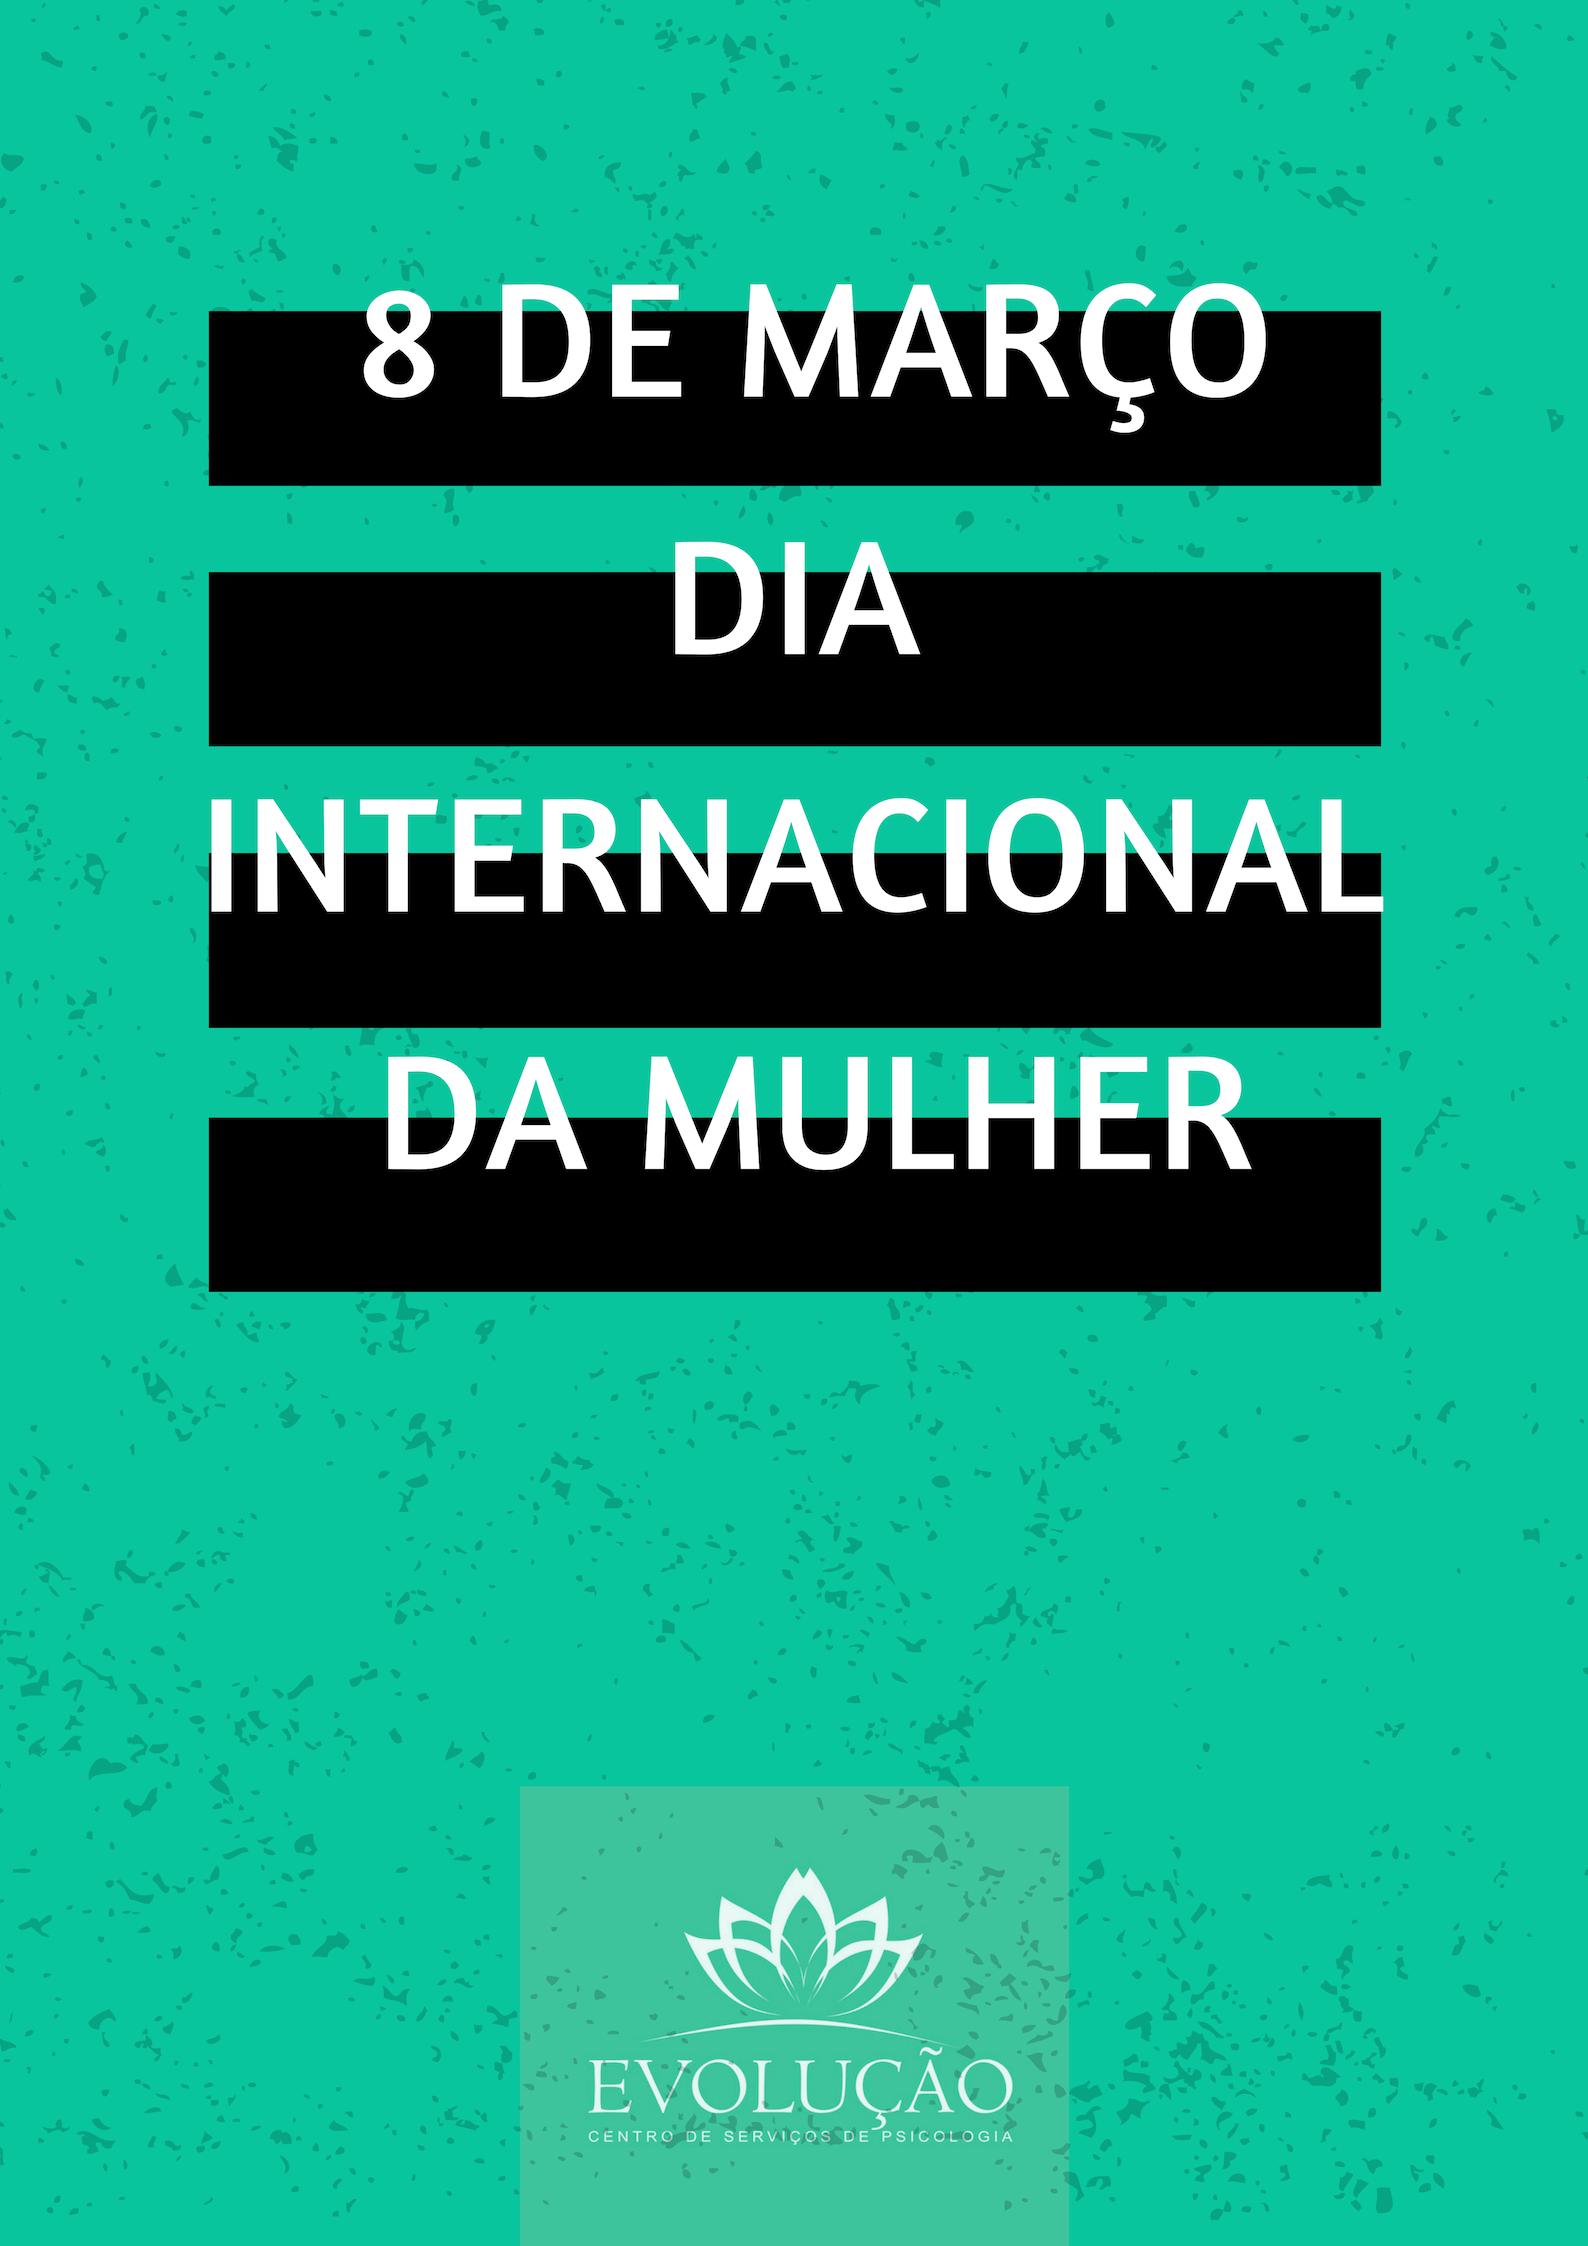 8 de março - Dia de luta!